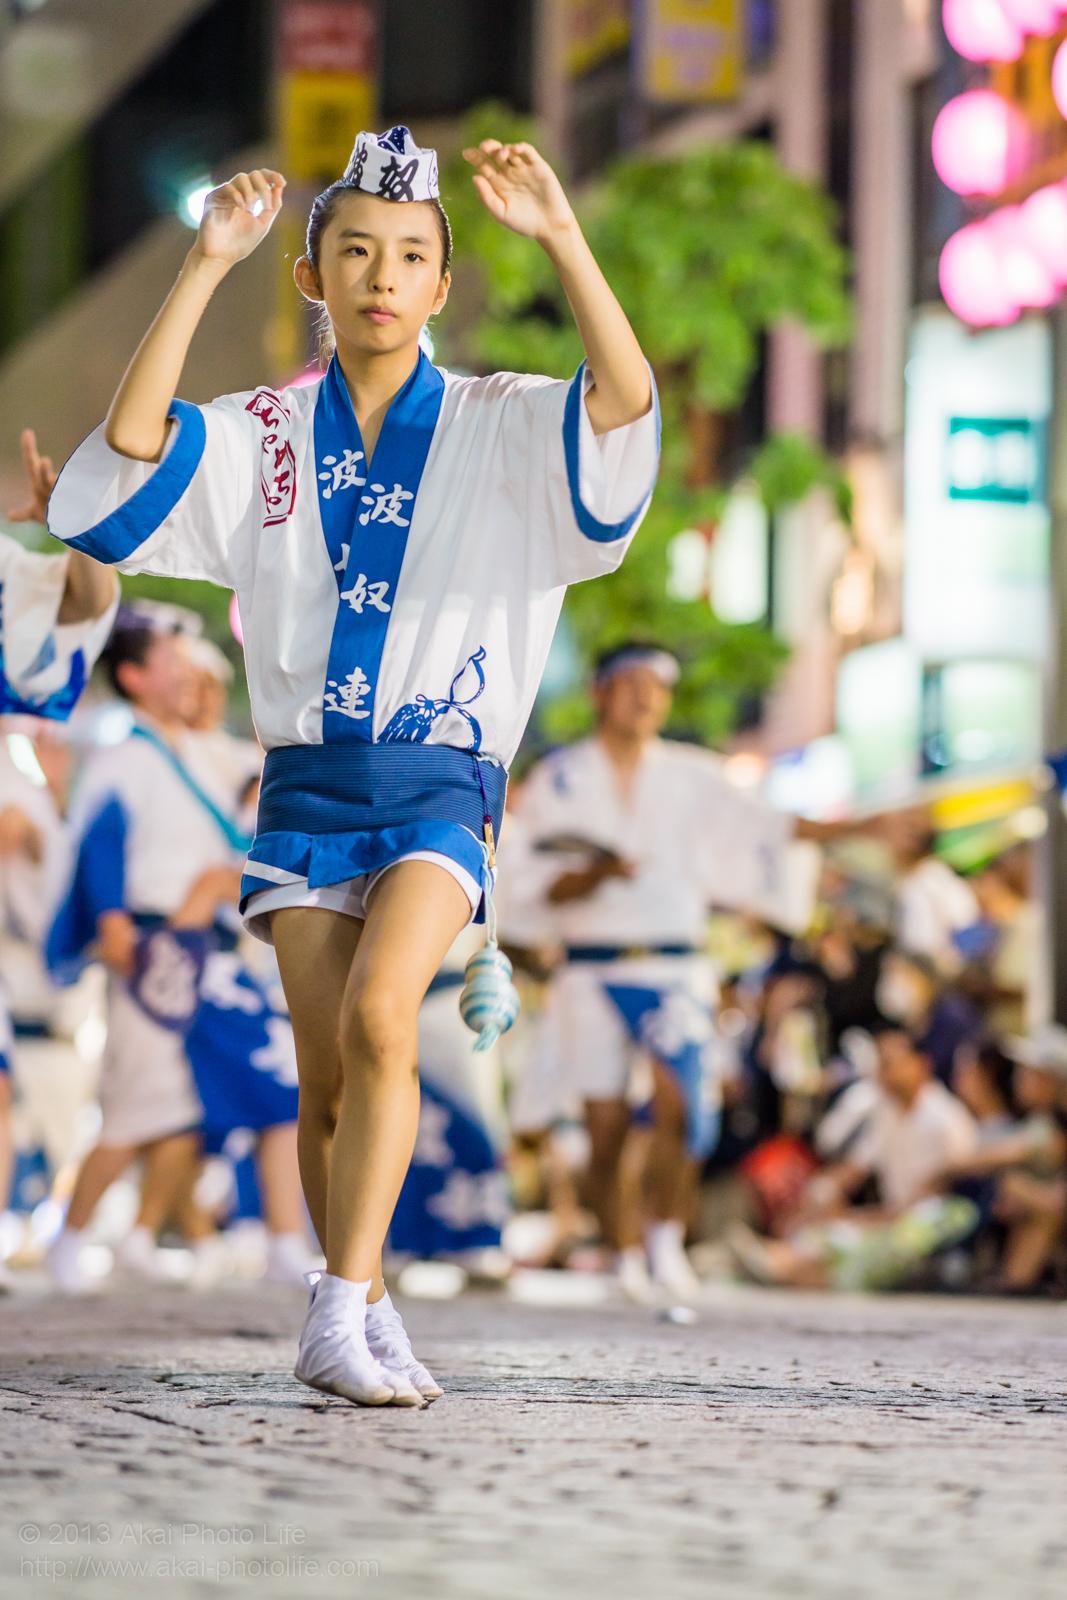 三鷹阿波踊り、波奴連(はちゃめちゃれん)の素手踊り